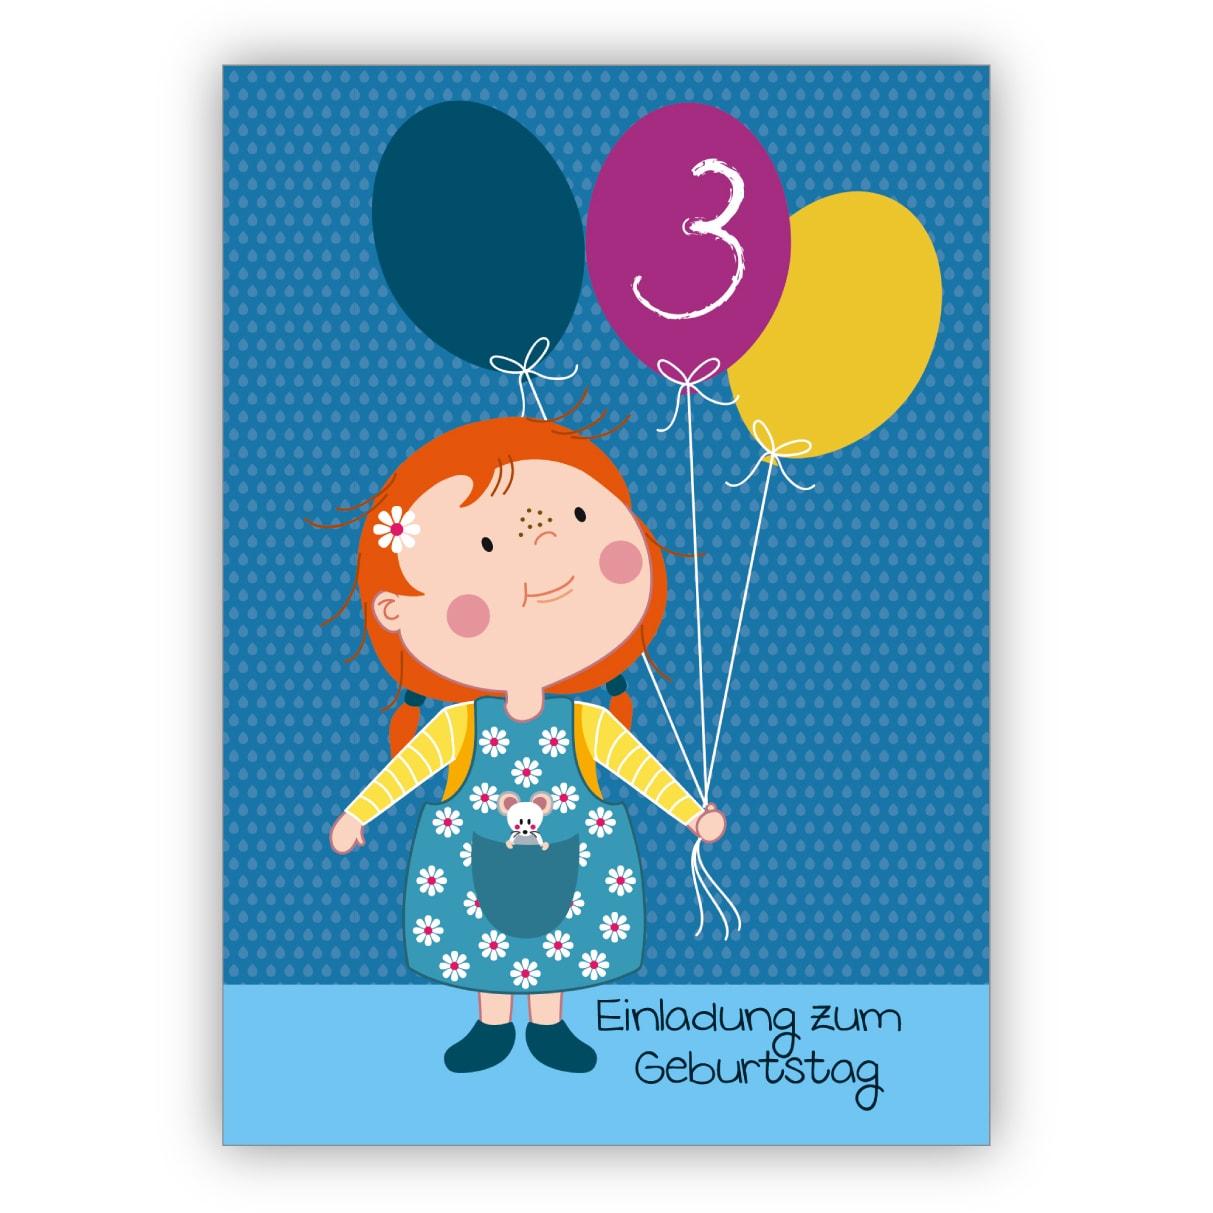 Nette Einladungskarte zum 3. Kindergeburtstag mit kleinem Mädchen und Ballons: Einladung zum Geburtstag